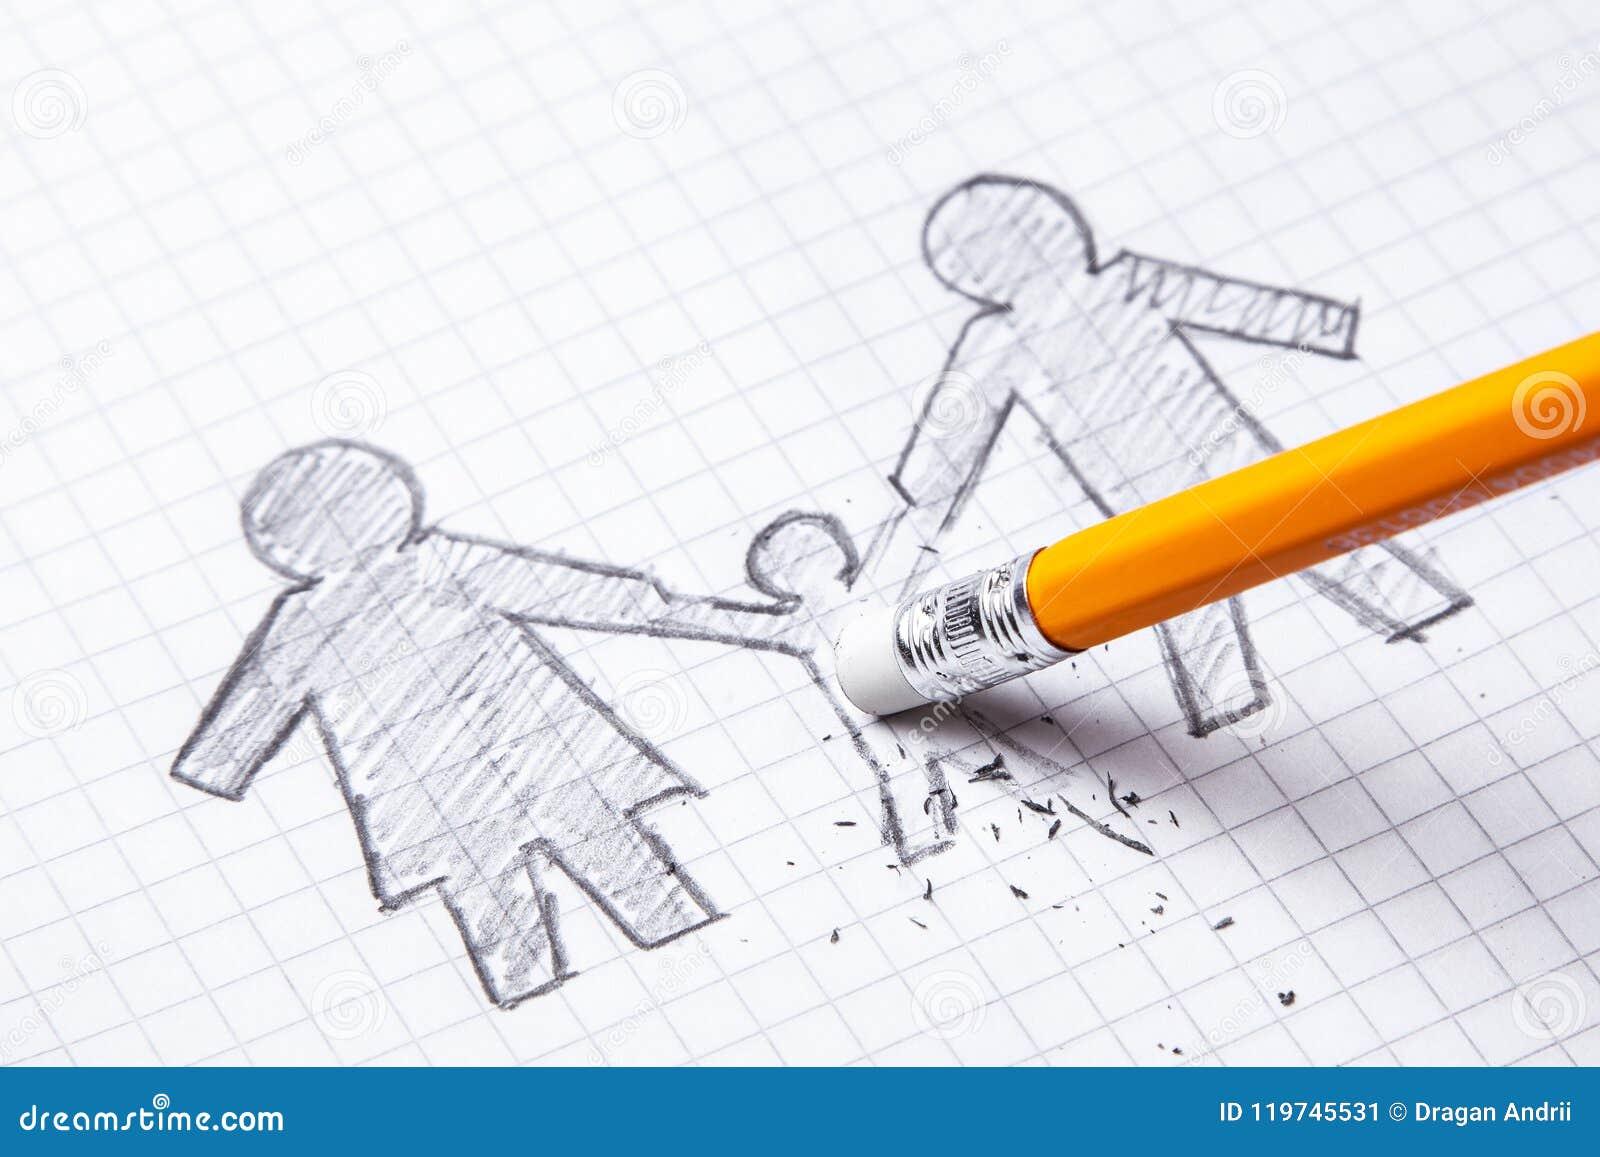 孩子死亡,损失的概念 家庭在与铅笔的纸被绘,并且删掉孩子